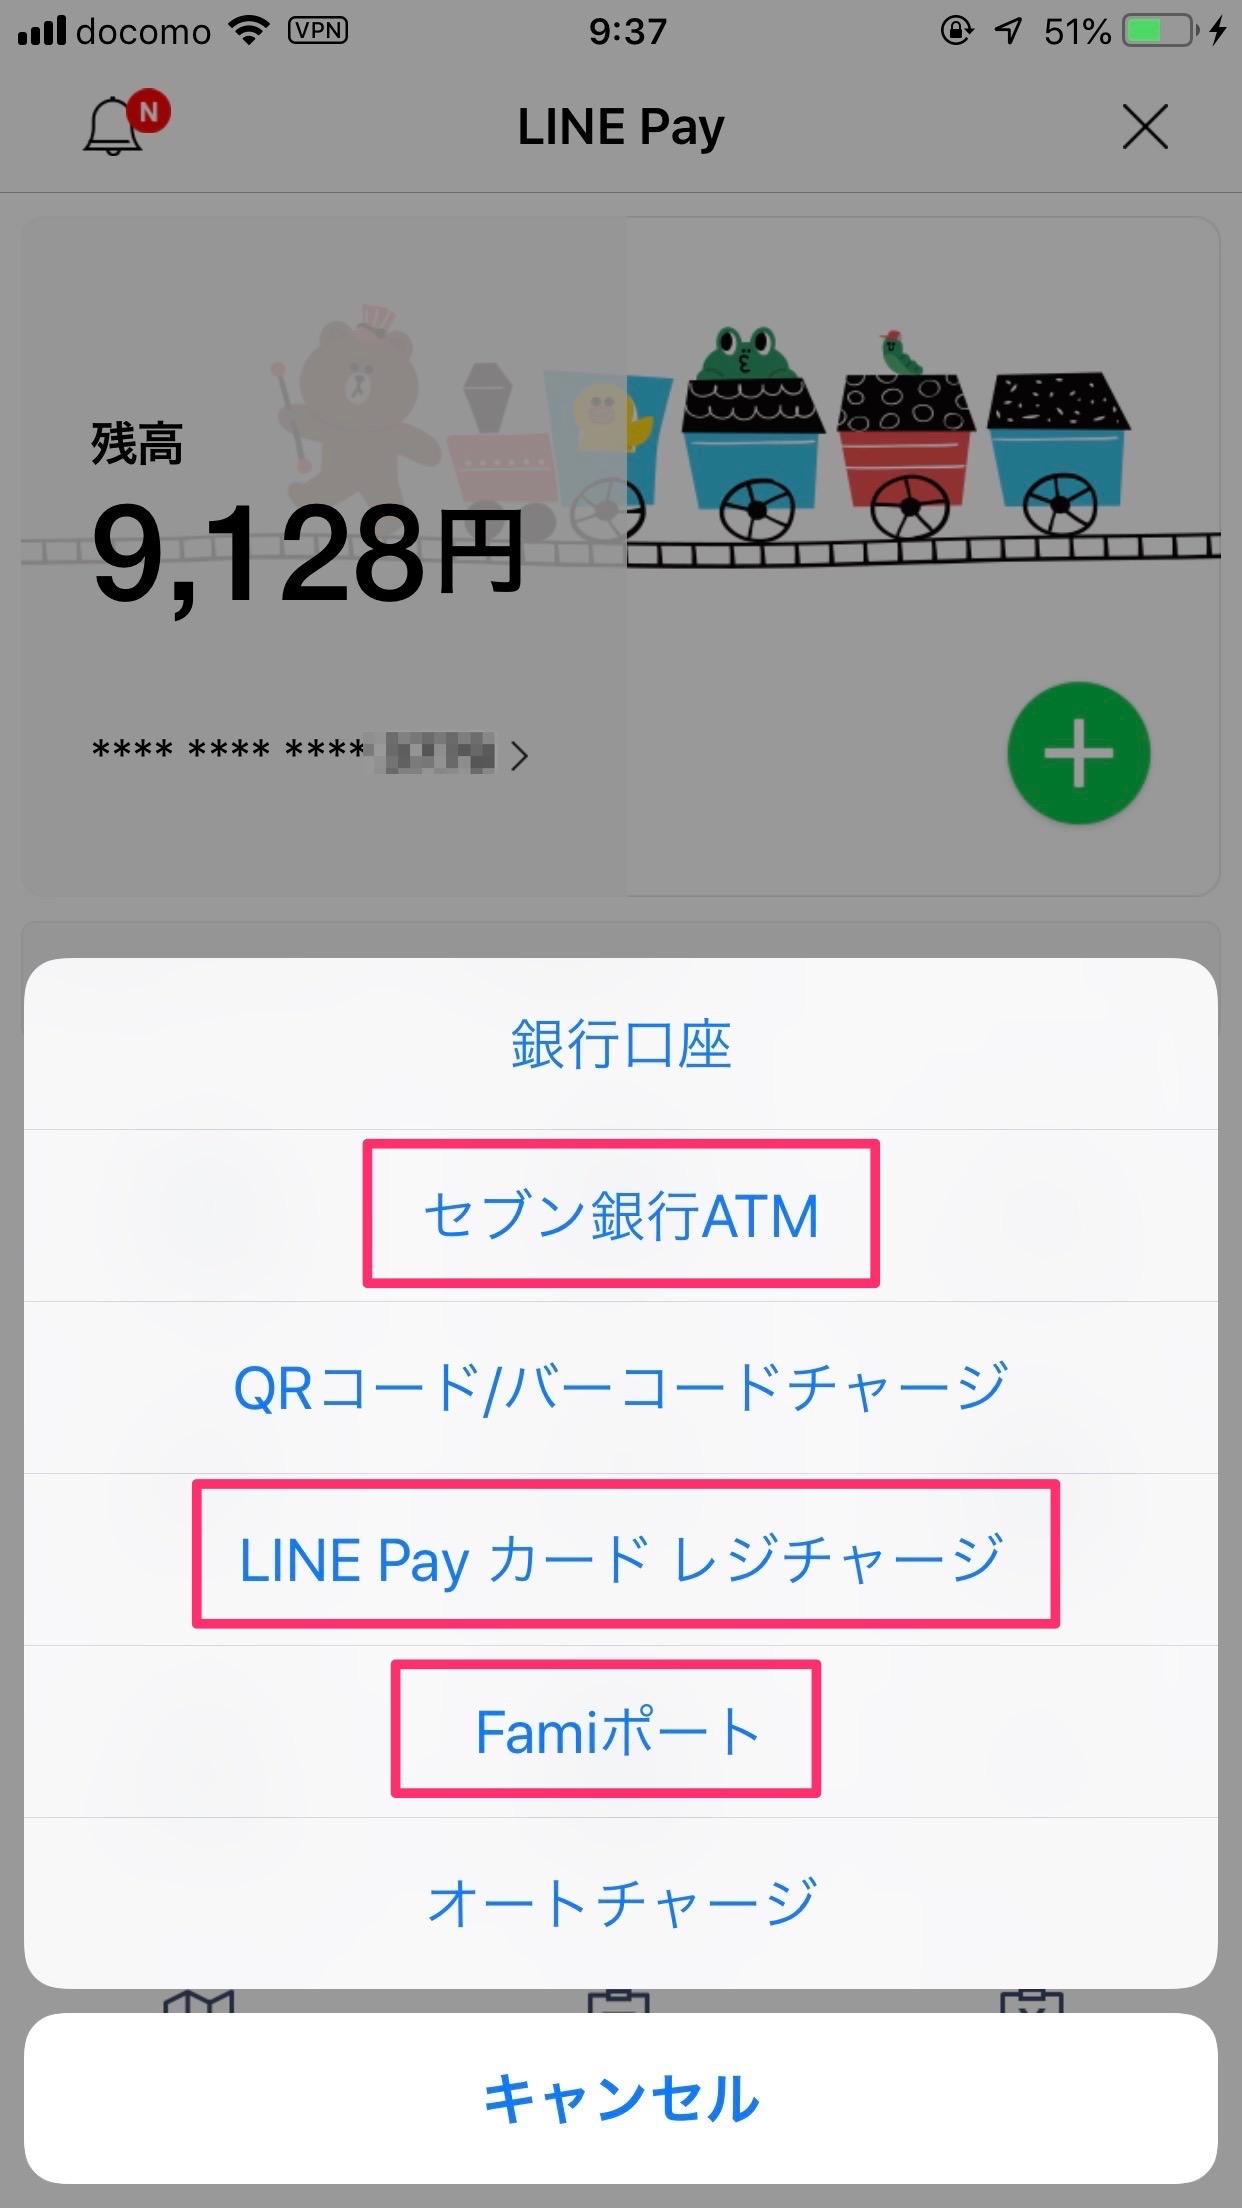 覚えておきたいLINE Payの使い方 1